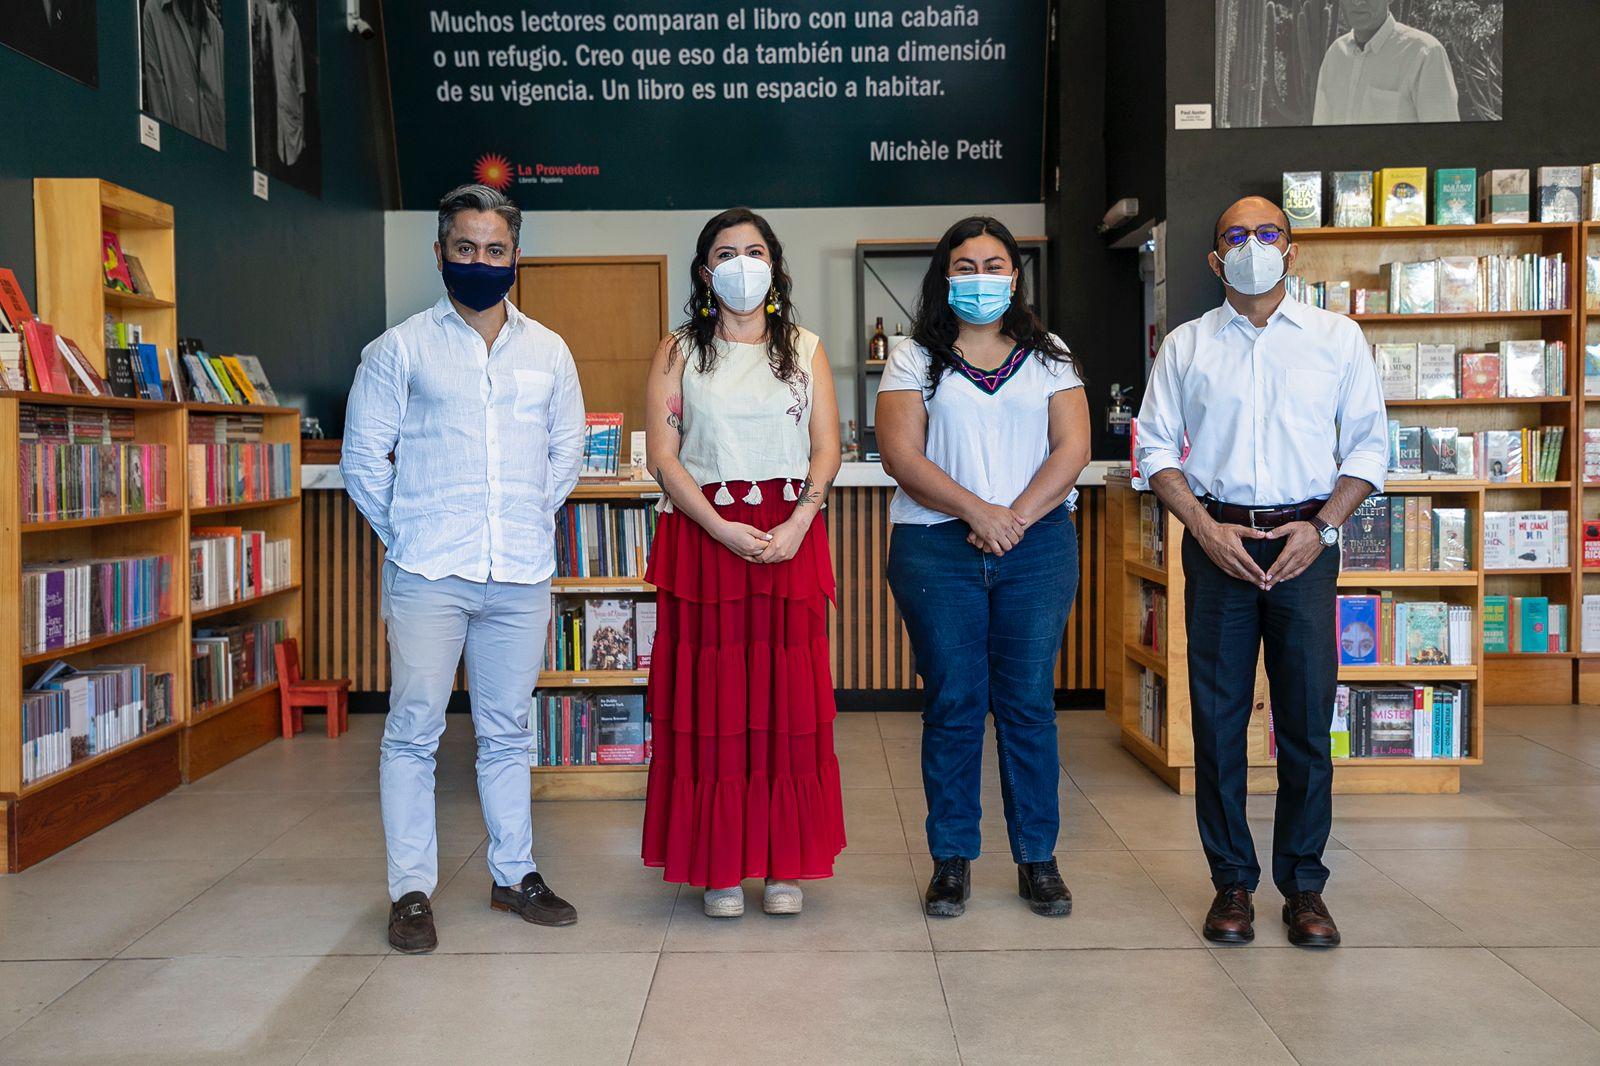 Confirma FILO actividades presenciales en 17 sedes, 5 de ellas fuera de la ciudad de Oaxaca